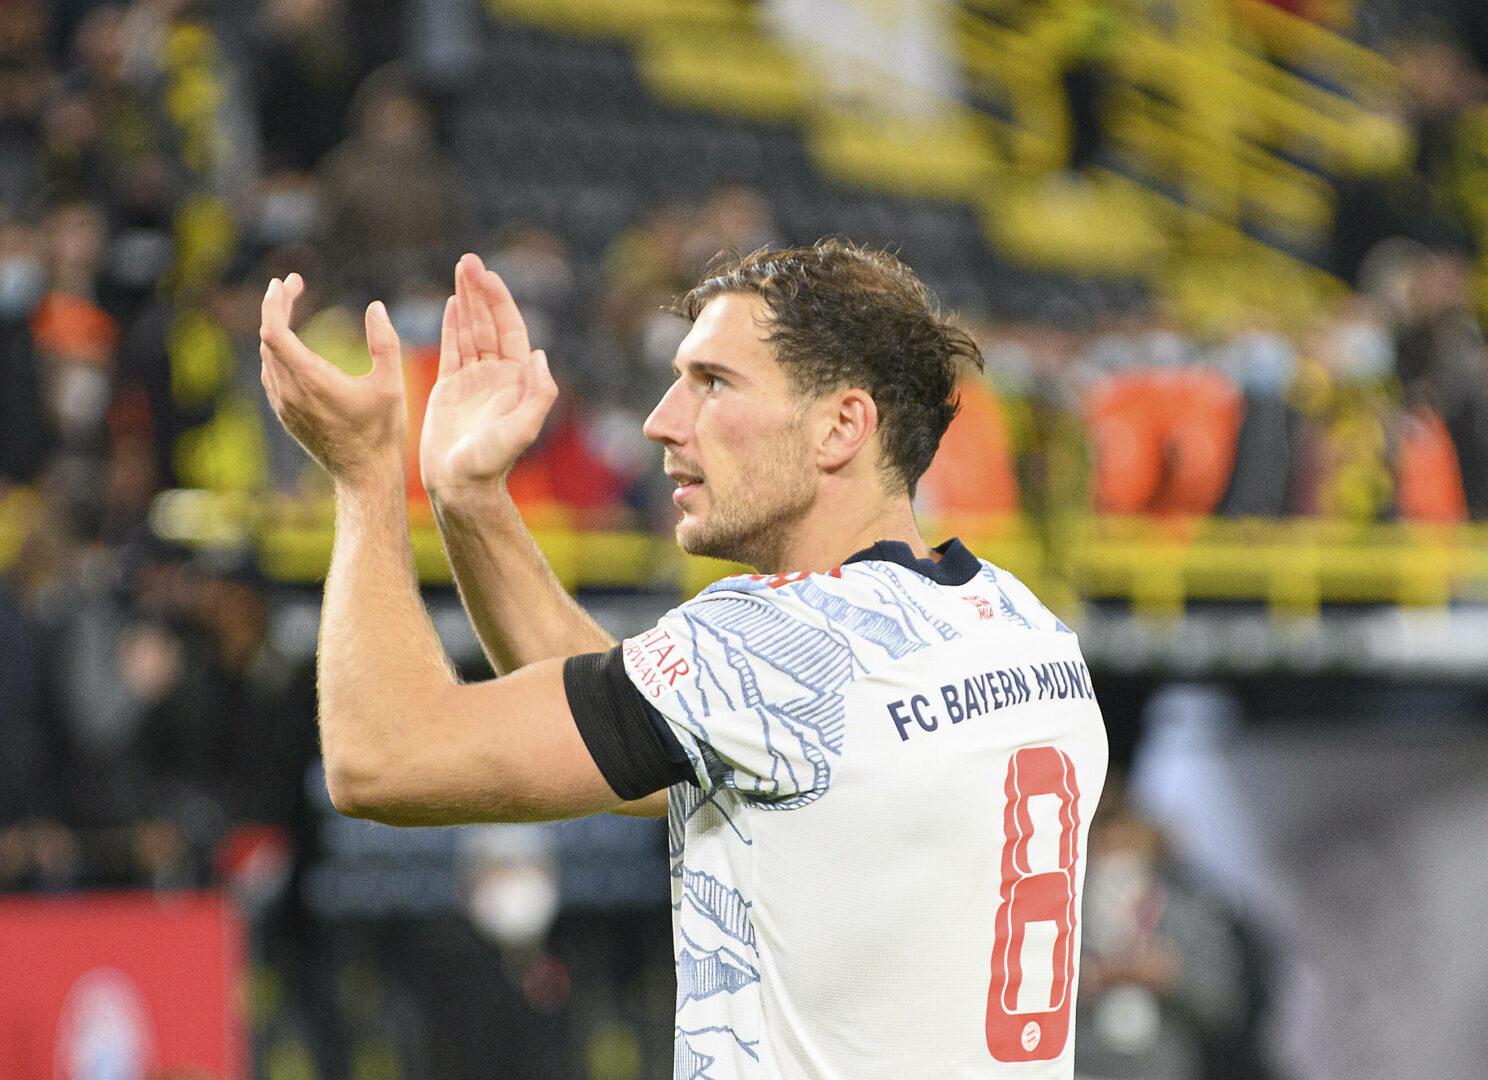 Laut Medienberichten: Leon Goretzka verlängert seinen Vertrag beim FC Bayern!